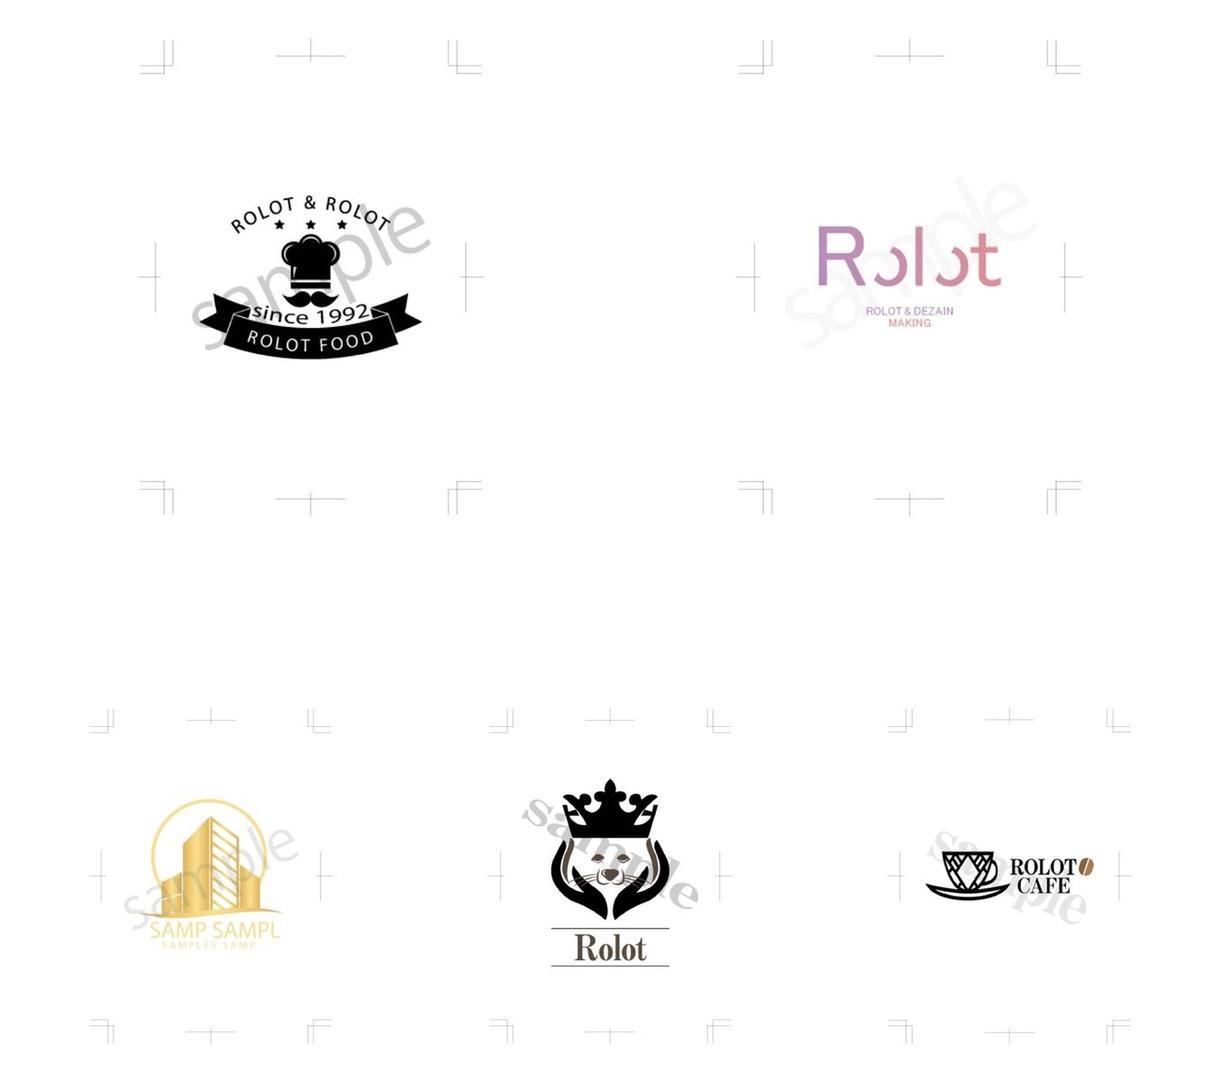 ロゴ・バナー広告などデザインいたします オリジナルデザインのロゴやヘッダー画像が欲しいあなたへ